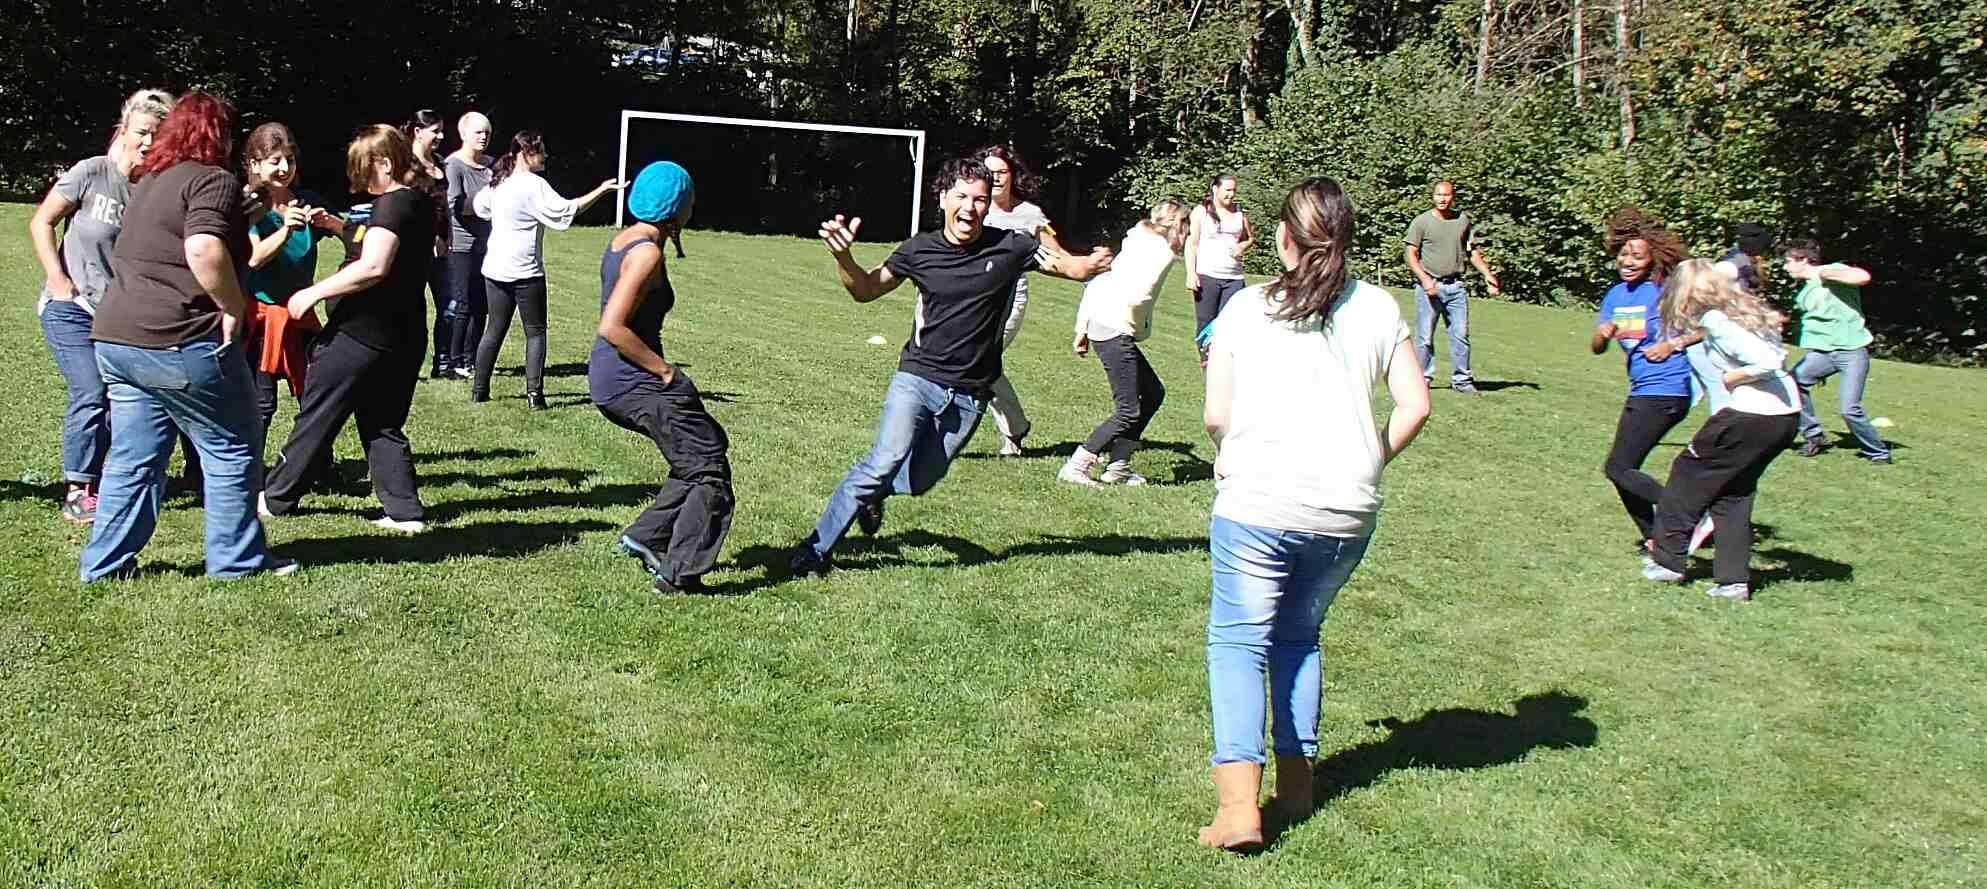 An diesem Outdoor-Teamtag können alle Ausbildungsjahrgänge gemeinsam teilnehmen.